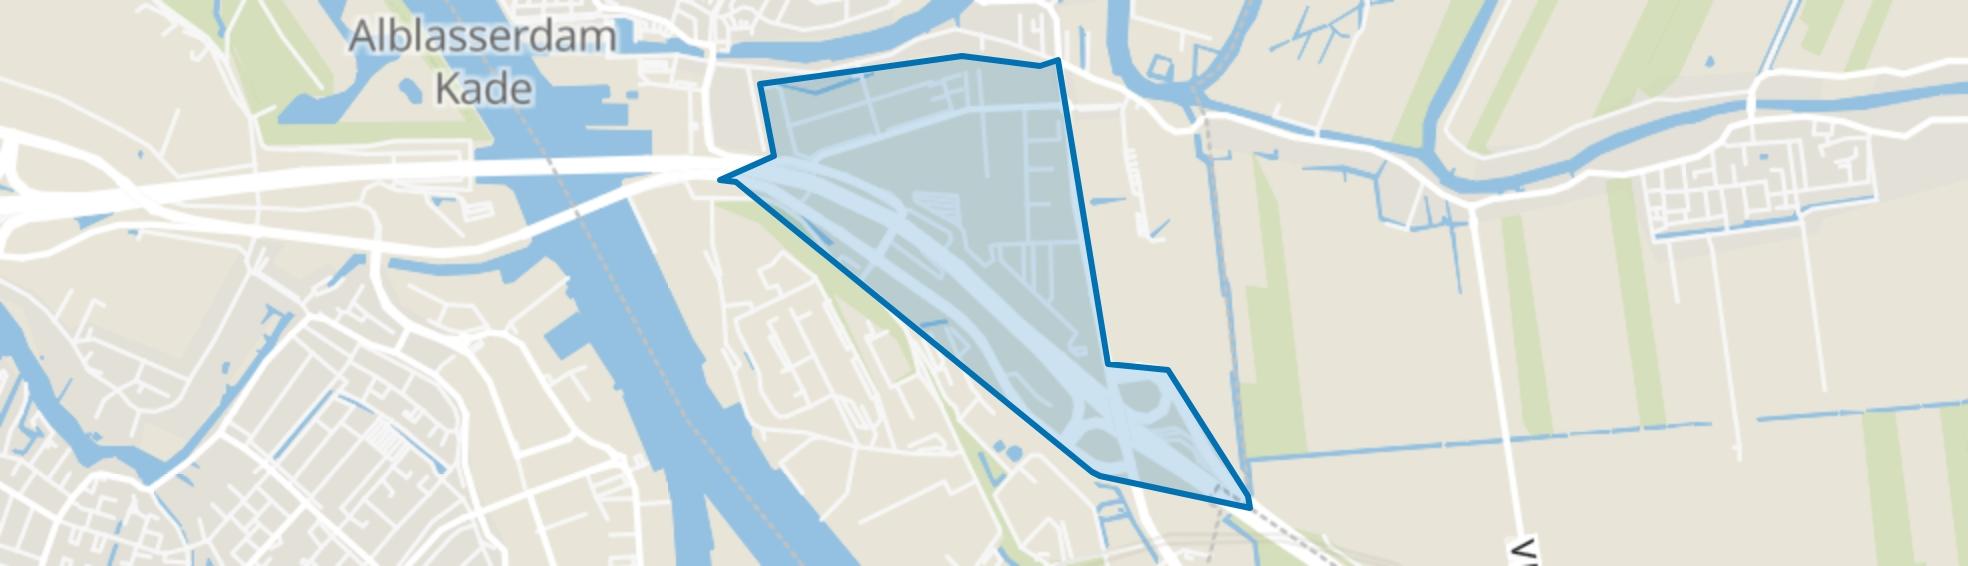 Vinkenwaard, Alblasserdam map